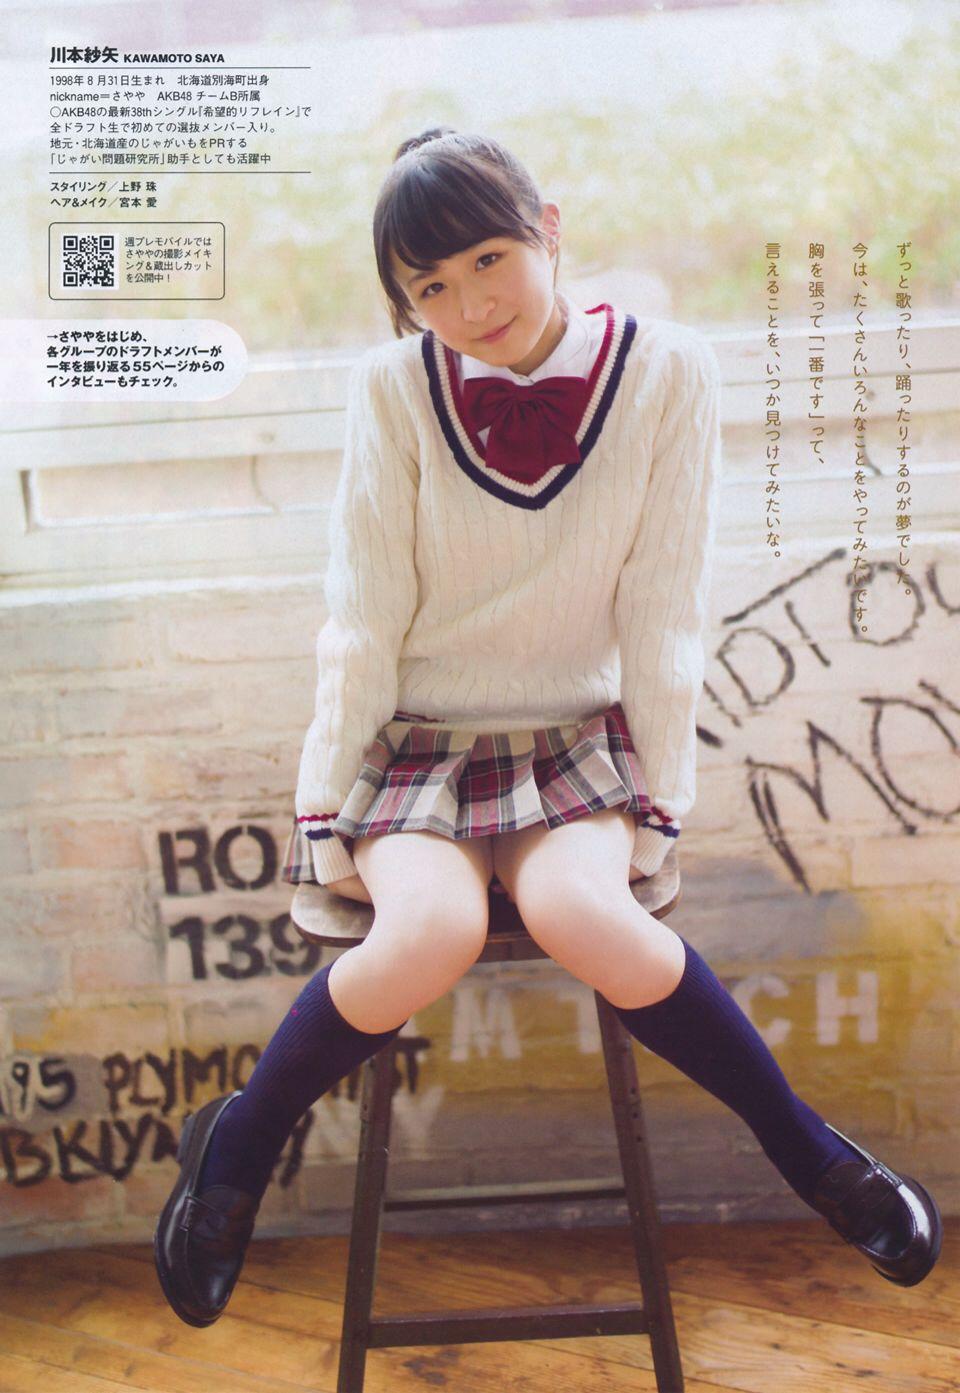 AKB48おまとめれいんぼー速報 【朗報】 川本紗矢の水着がすご過ぎるwwwwww